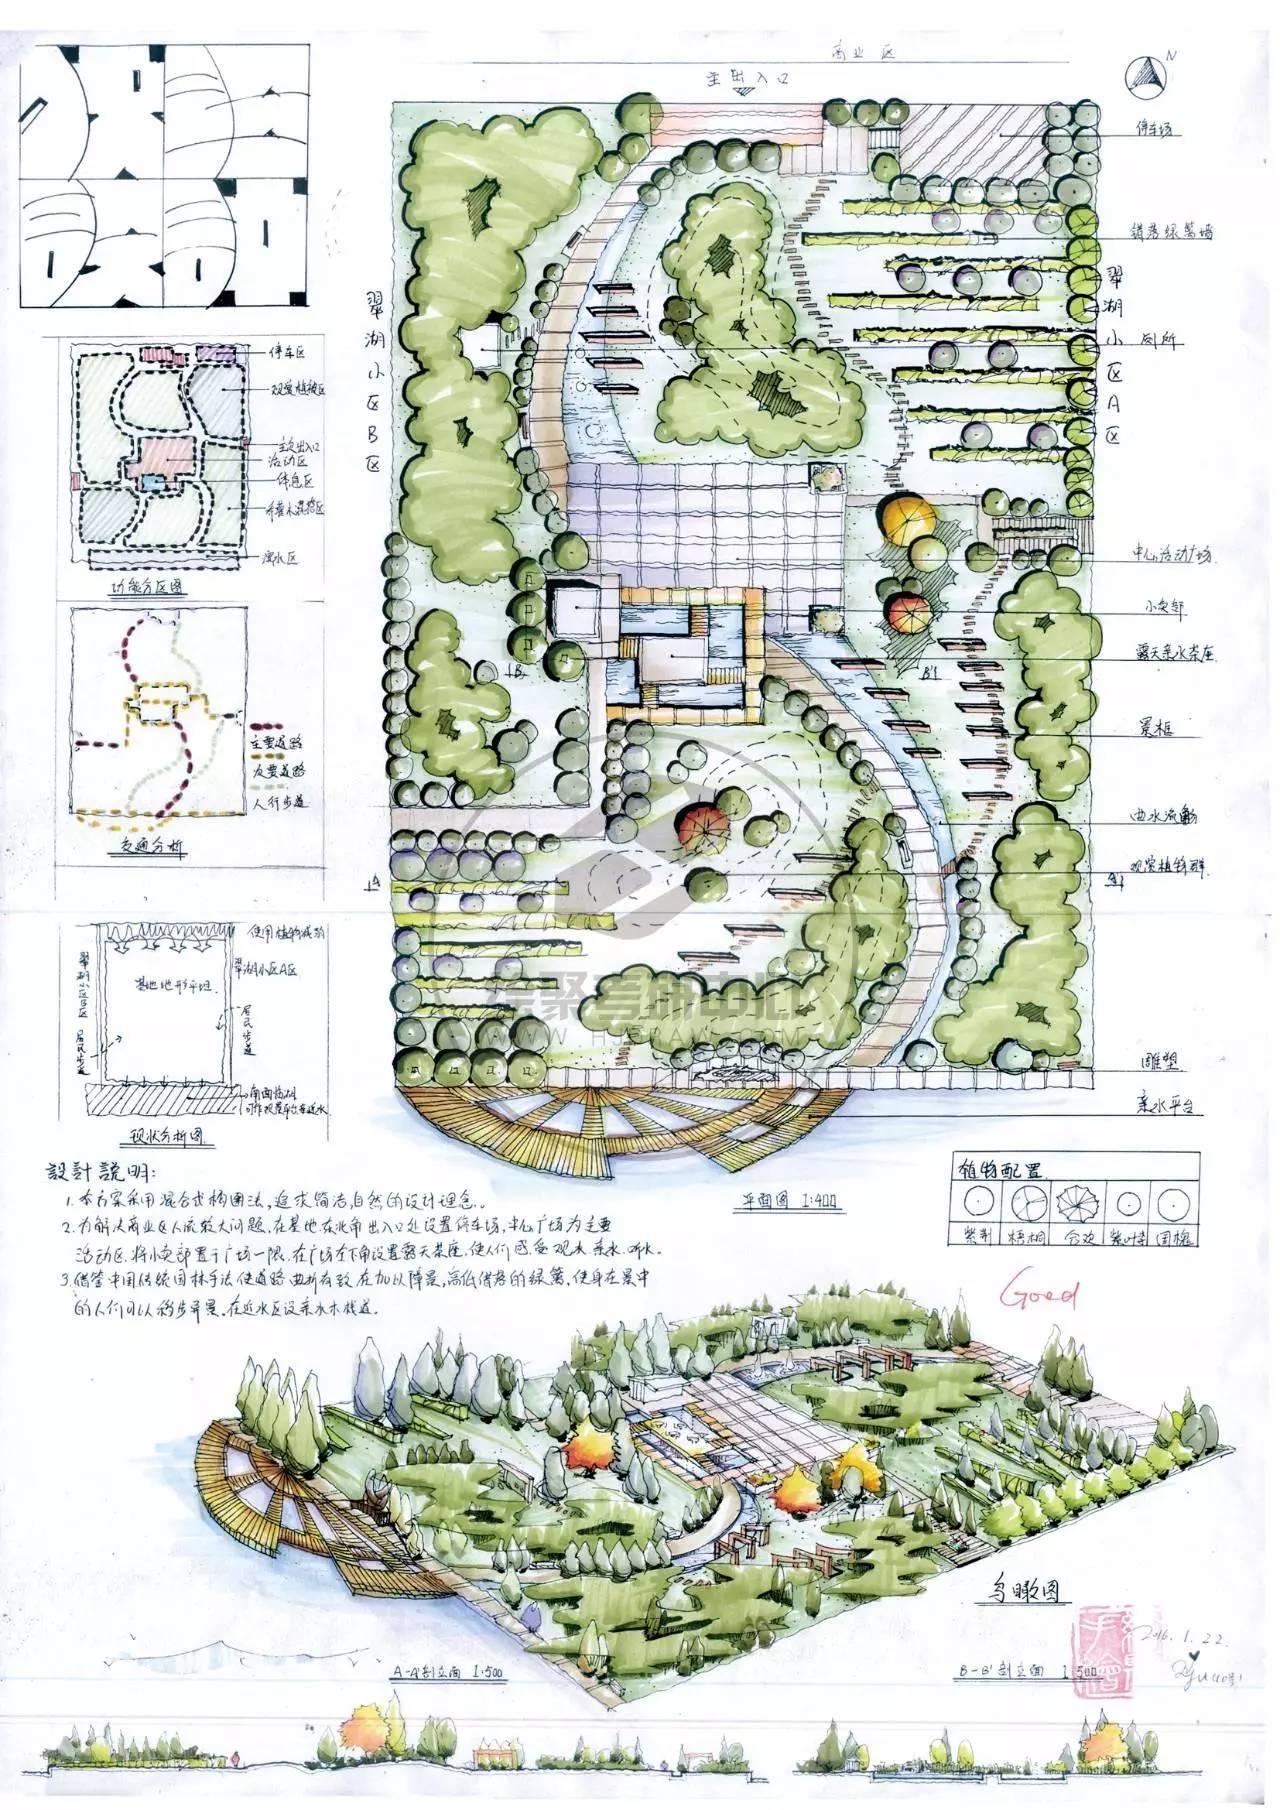 植物的种植方式多采用自然式,以自然的树丛,树群,树带来划分和组织图片